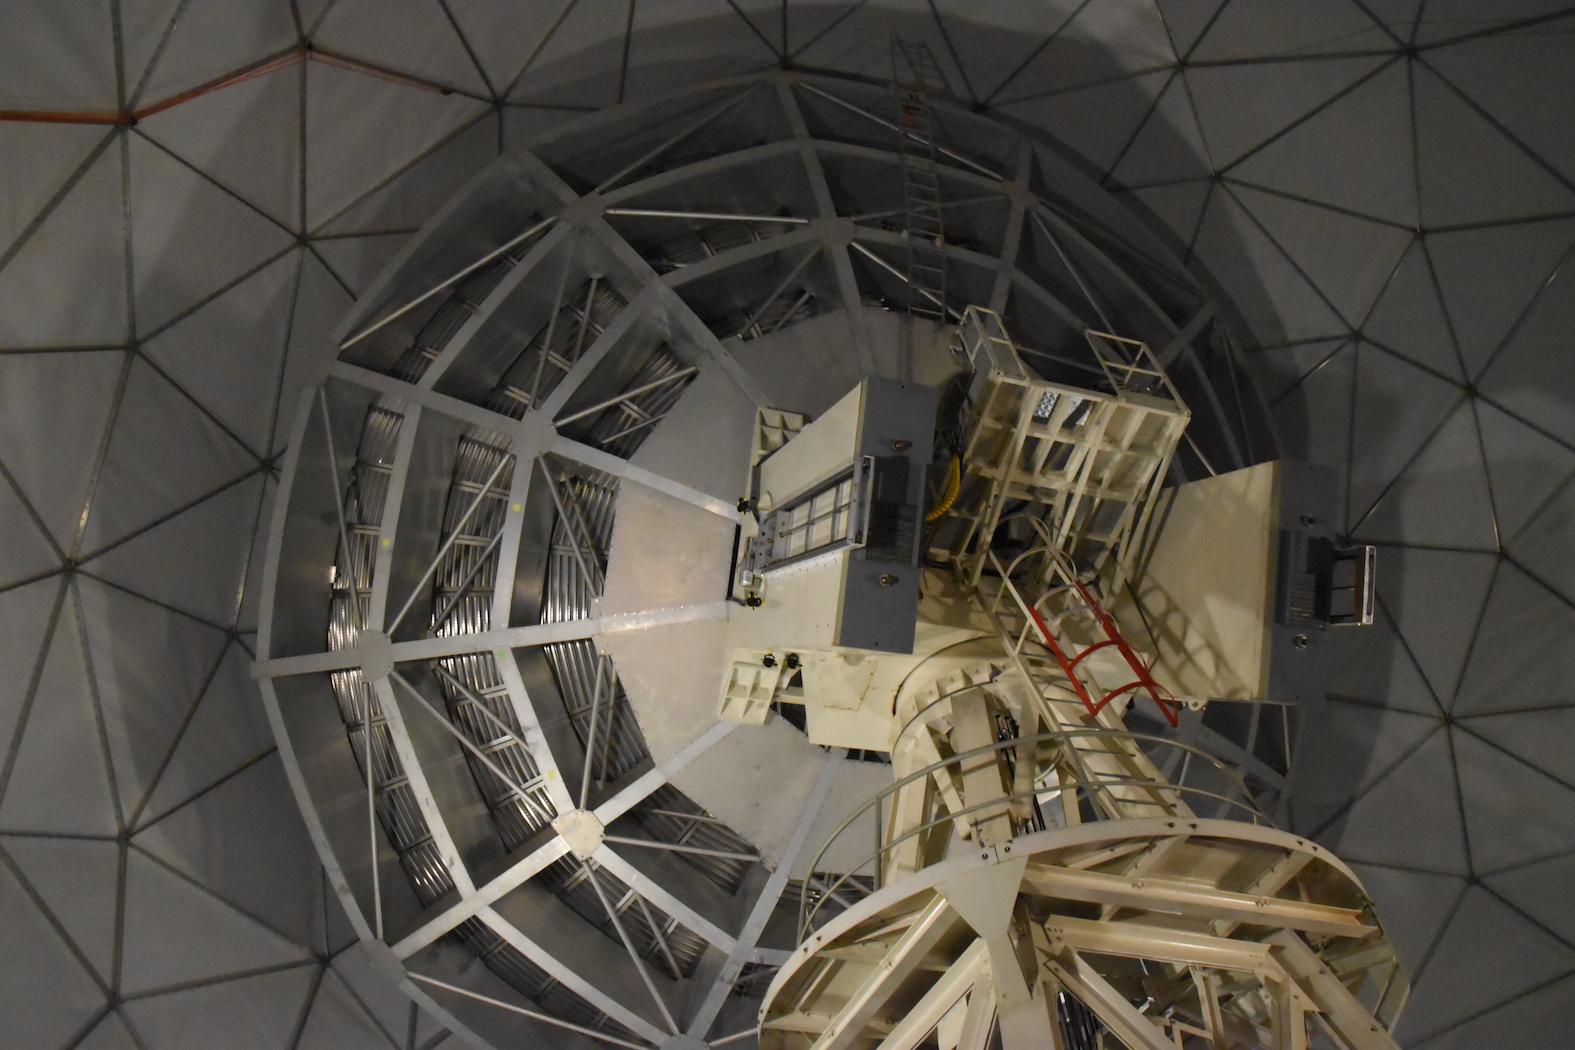 Metsähovin radioteleskooppi